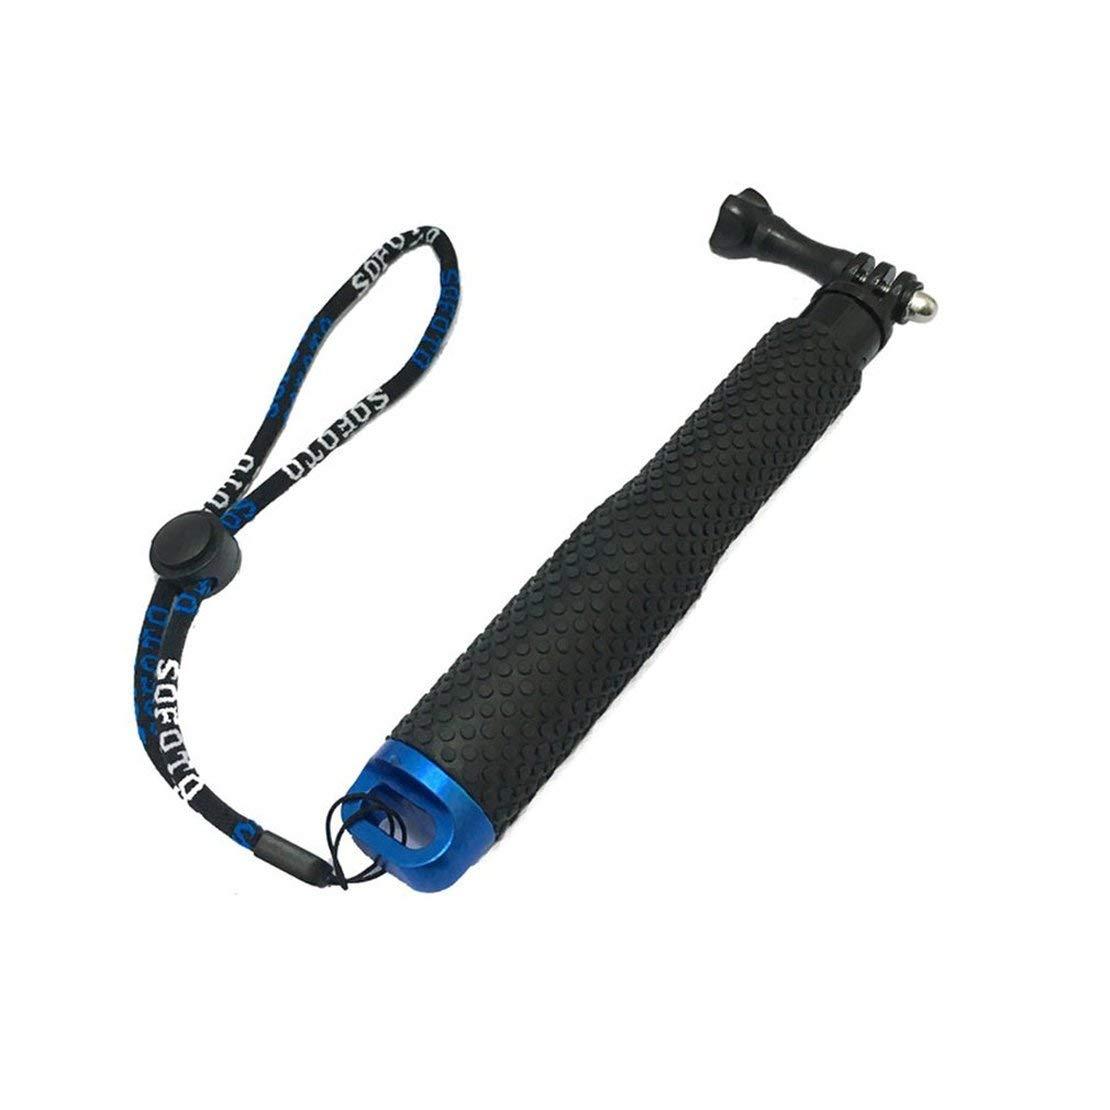 Sanzhileg Universal para Go Pro Action Camera 19cm Sumergible Flotante flotabilidad Buceo Palo de Mano de Mano con Correa de mu/ñeca Accesorio